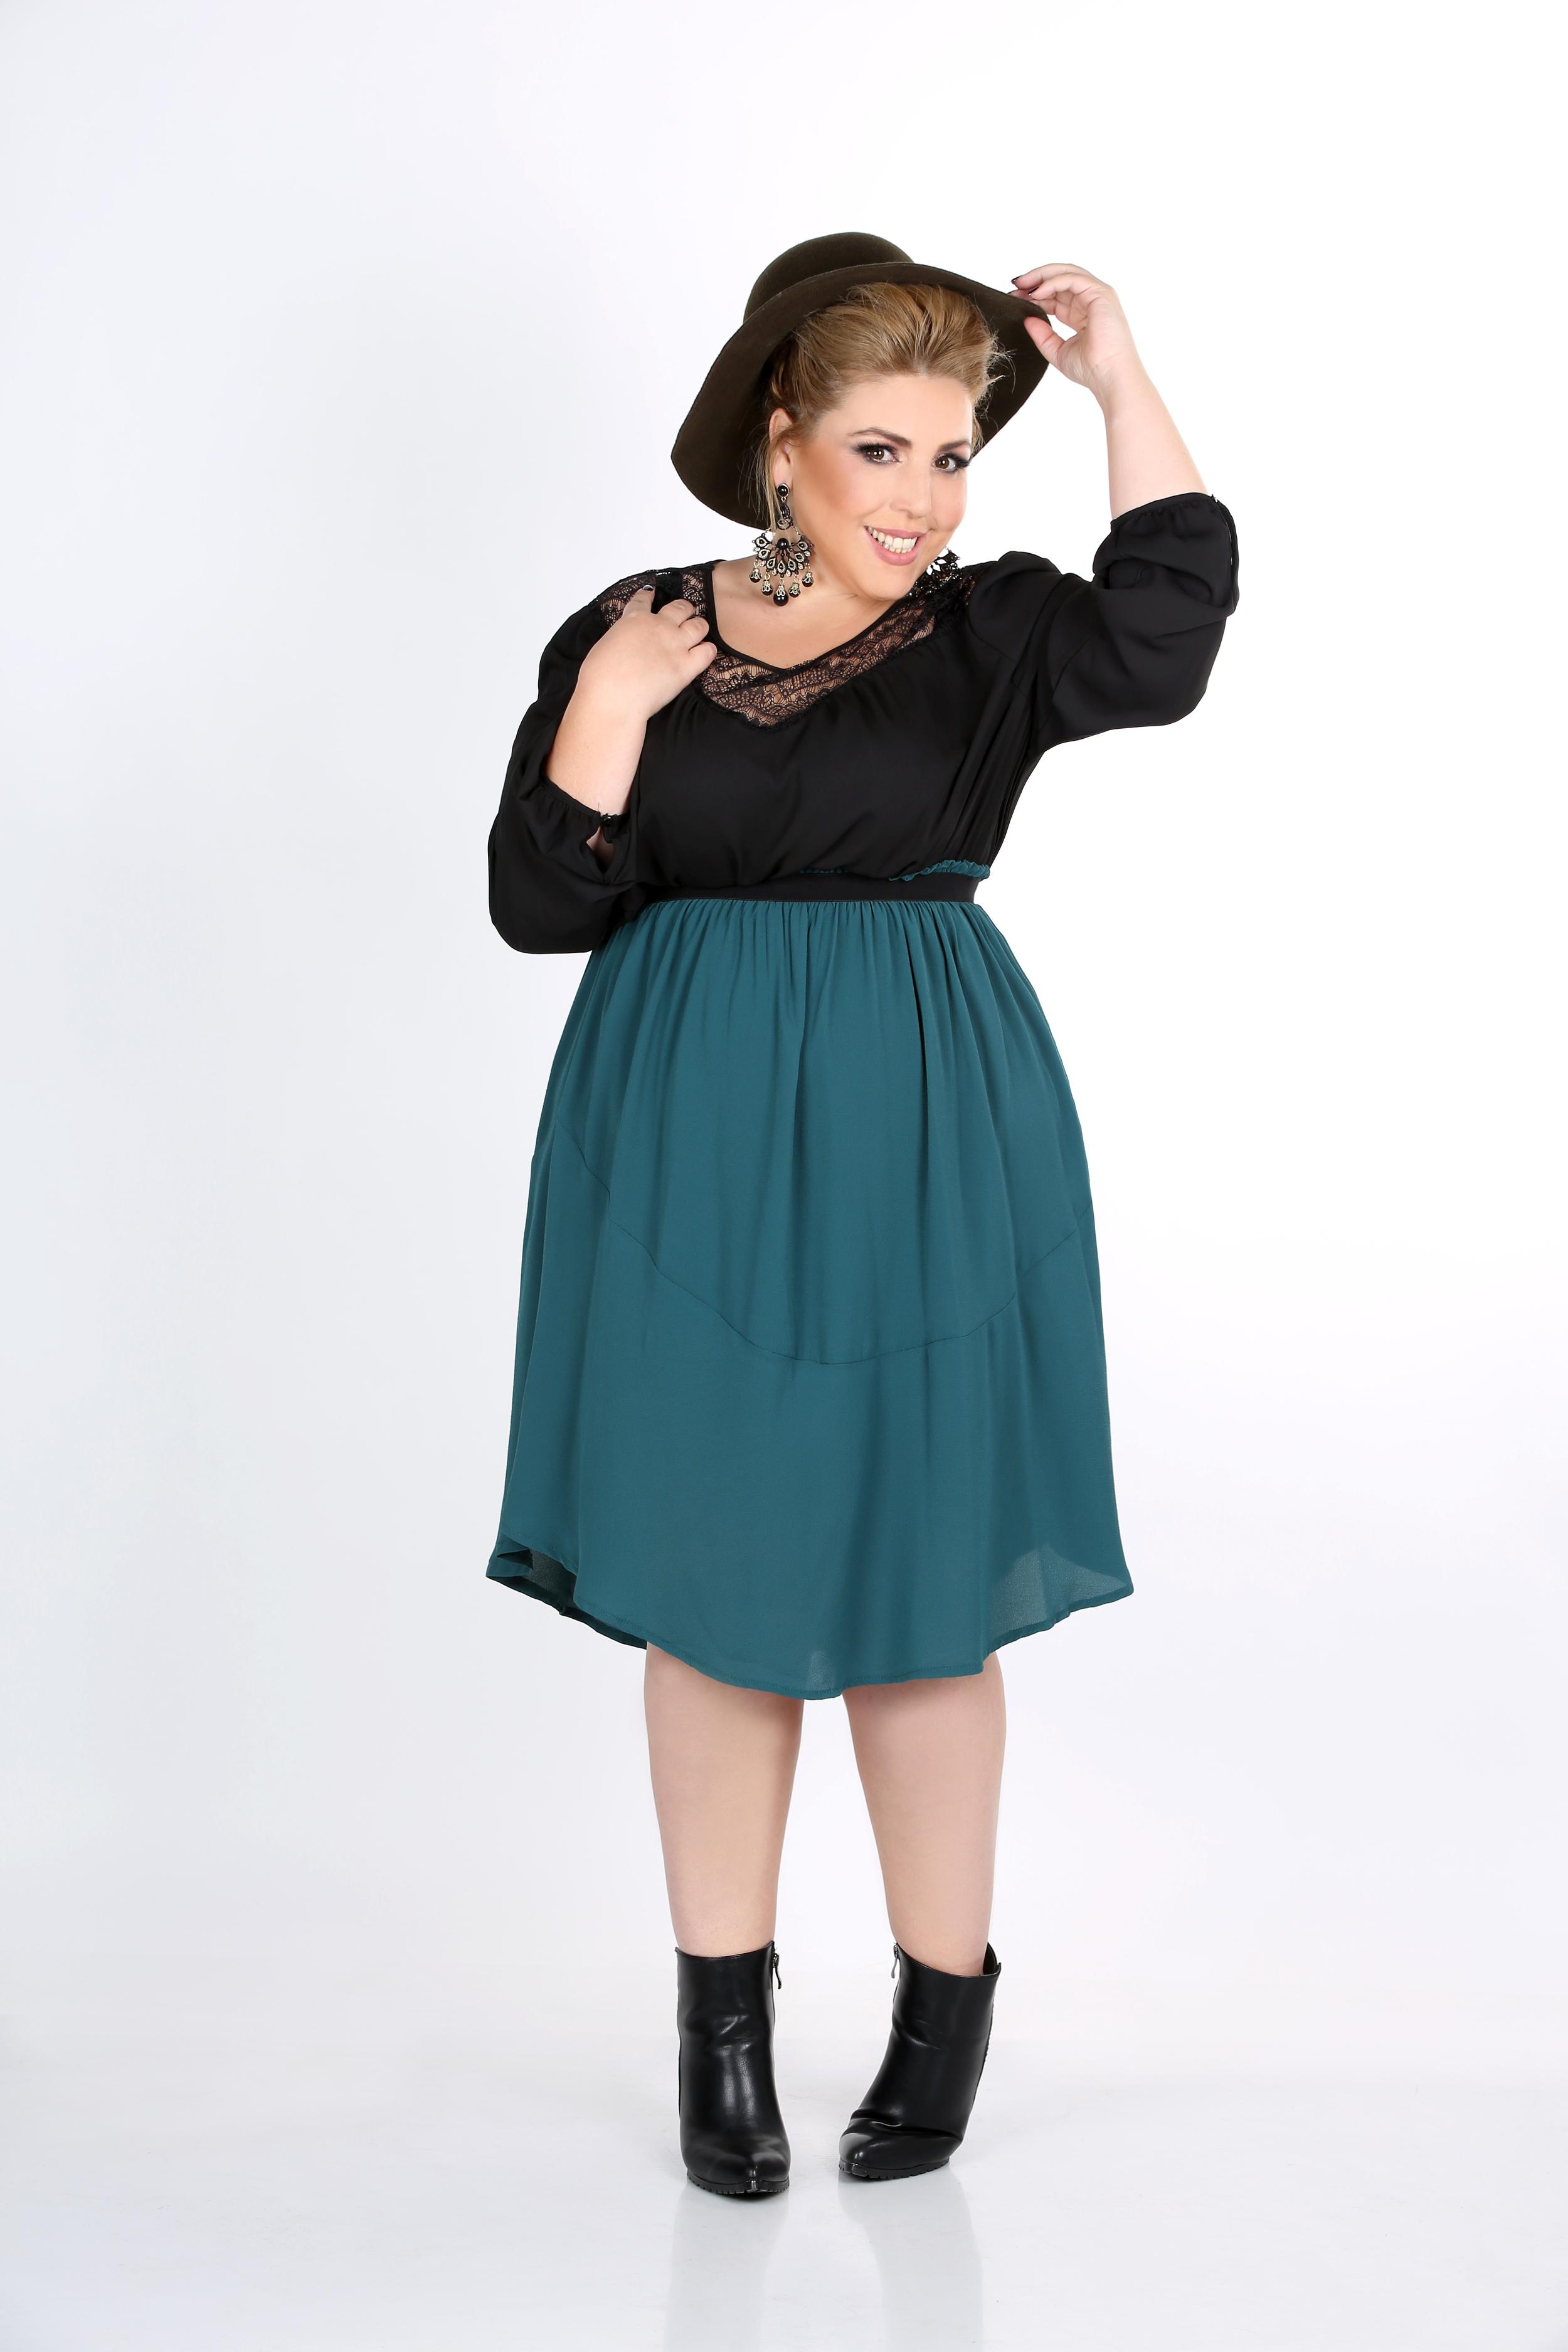 חולצה 299 חצאית ירוקה 279 NOEMI PLUS בזל 32 תל אביב צילום יעל ונעמי צלמות.JPG